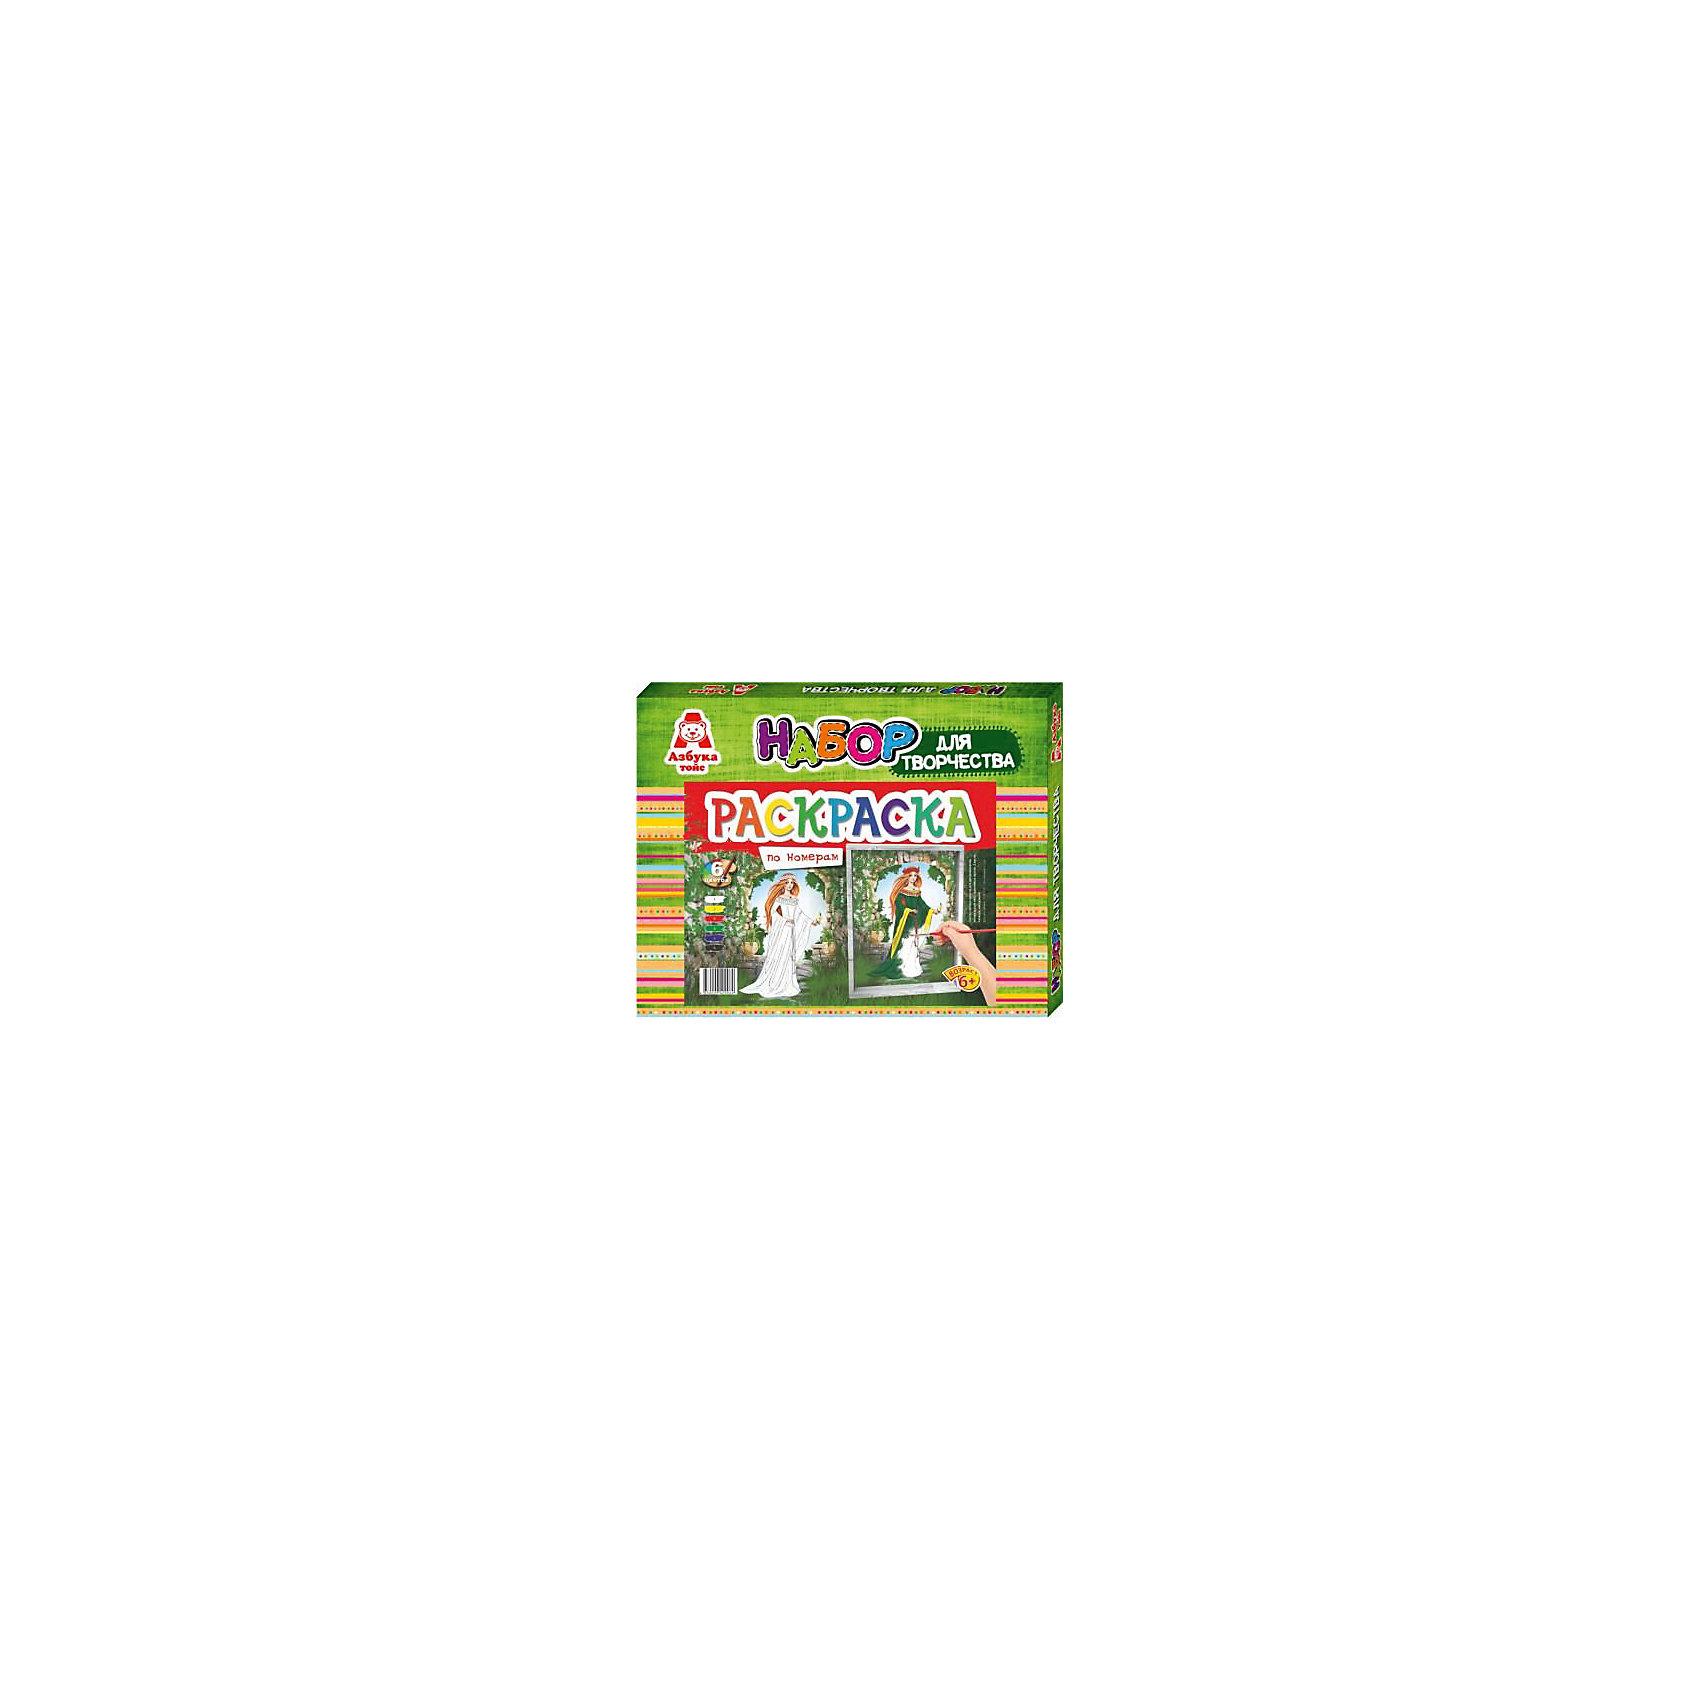 Раскраска по номерам Принцесса в зелёномХарактеристики товара:<br><br>• упаковка: коробка<br>• материал: картон, акрил<br>• возраст: 6+<br>• масса: 200 г<br>• габариты: 30х270х210 мм<br>• комплектация: основа с нанесенным контуром, акриловые краски 6 цв., 2 кисточки, палитра для смешивания, картонная рамка и инструкция<br>• страна бренда: РФ<br>• страна изготовитель: РФ<br><br>Раскрашивание картинок – всеми любимый увлекательный процесс. Отличительной особенностью набора является то, что картинка разделена на зоны с нумерацией. Каждый номер – один цвет, соответствующий цвету в наборе красок. В итоге получается красивая картина. Это поможет ребенку поверить в свои силы и развить творческие способности.<br>Набор станет отличным подарком ребенку, так как он сможет сам сделать красивую вещь для себя или в качестве подарка близким! Материалы, использованные при изготовлении товара, сертифицированы и отвечают всем международным требованиям по качеству. <br><br>Раскраску по номерам Принцесса в зелёном от бренда Азбука Тойс можно приобрести в нашем интернет-магазине.<br><br>Ширина мм: 270<br>Глубина мм: 30<br>Высота мм: 210<br>Вес г: 200<br>Возраст от месяцев: 72<br>Возраст до месяцев: 120<br>Пол: Женский<br>Возраст: Детский<br>SKU: 5062884